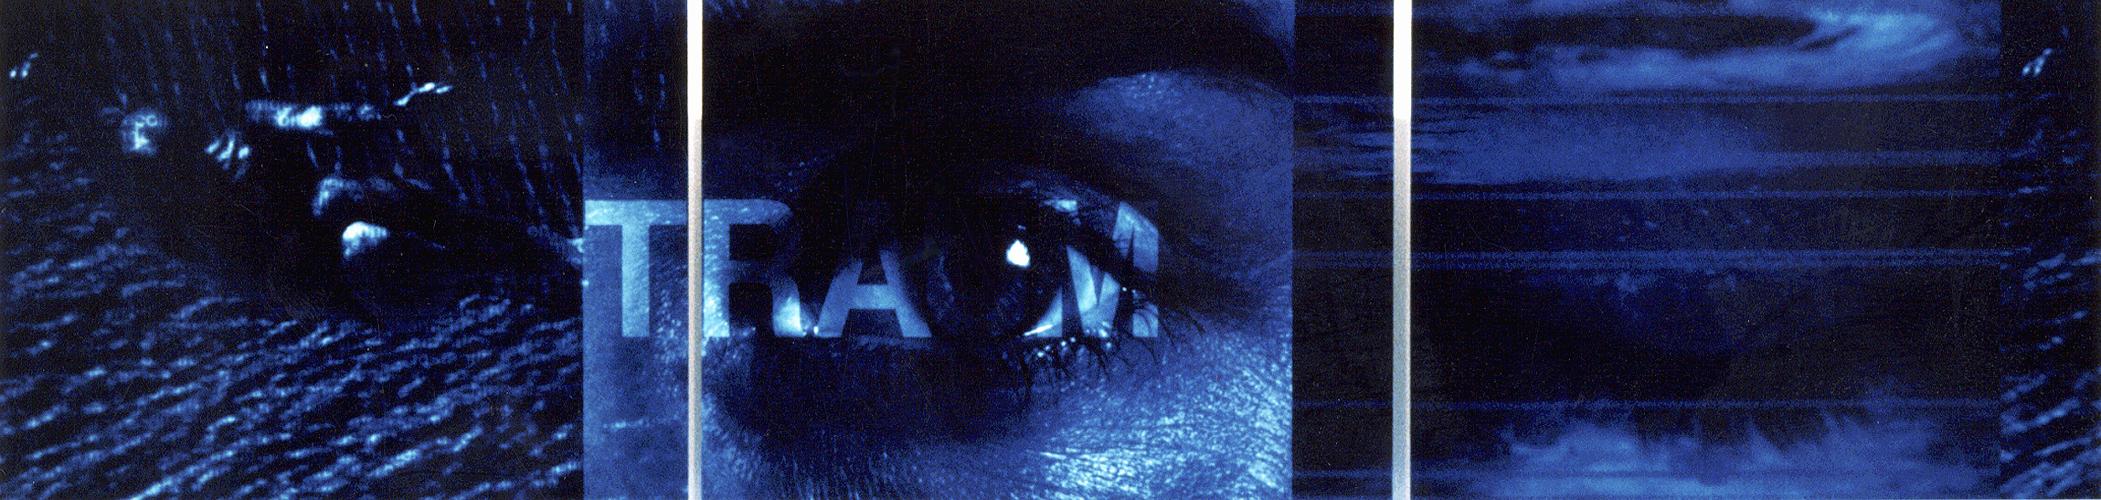 EXPRTT.9, 1990/1996, 39 x 29 cm / x 3,  tirages photographiques Cibachrome sous Diasec